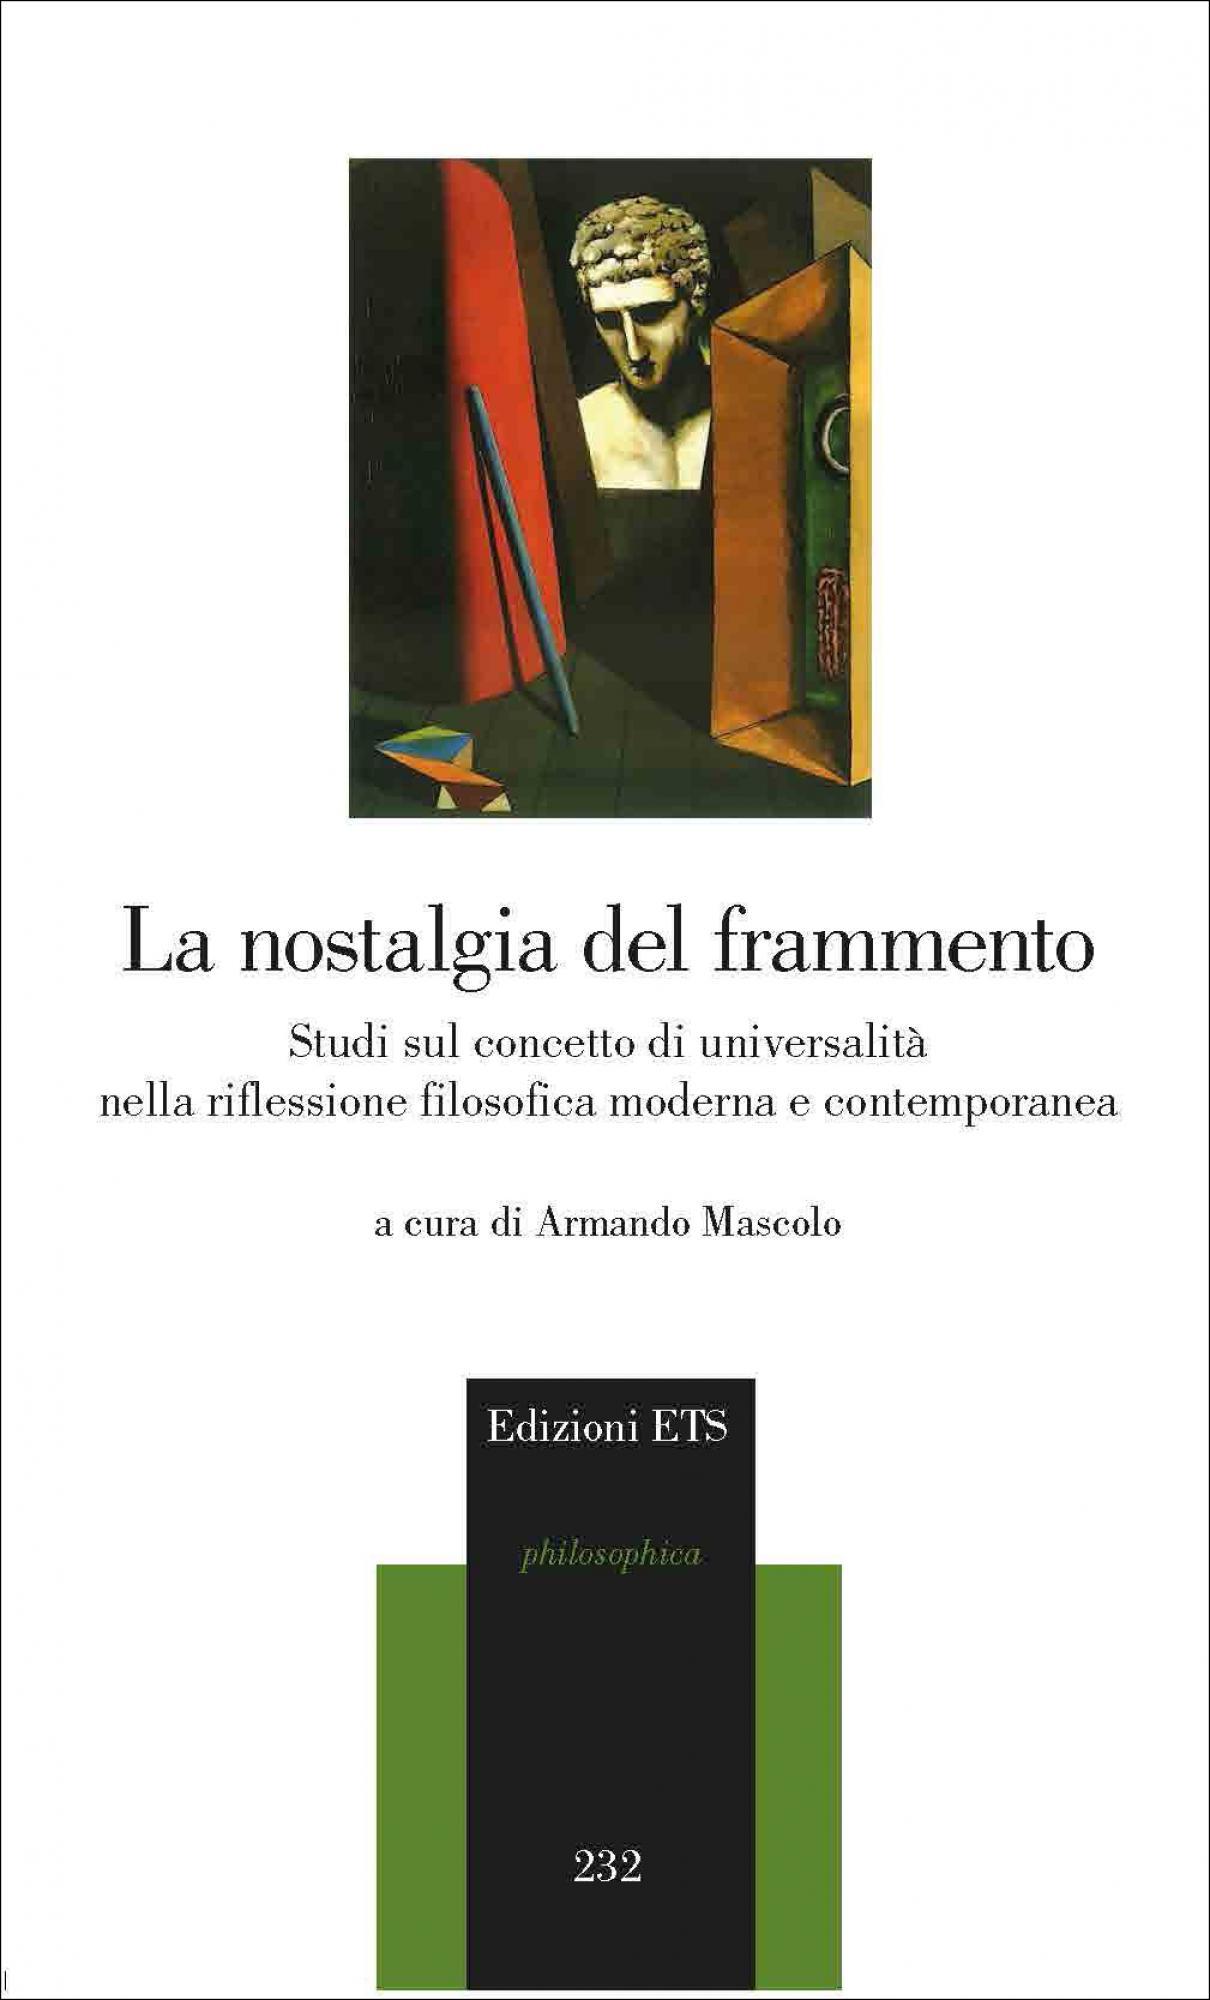 La nostalgia del frammento.Studi sul concetto di universalità nella riflessione filosofica moderna e contemporanea